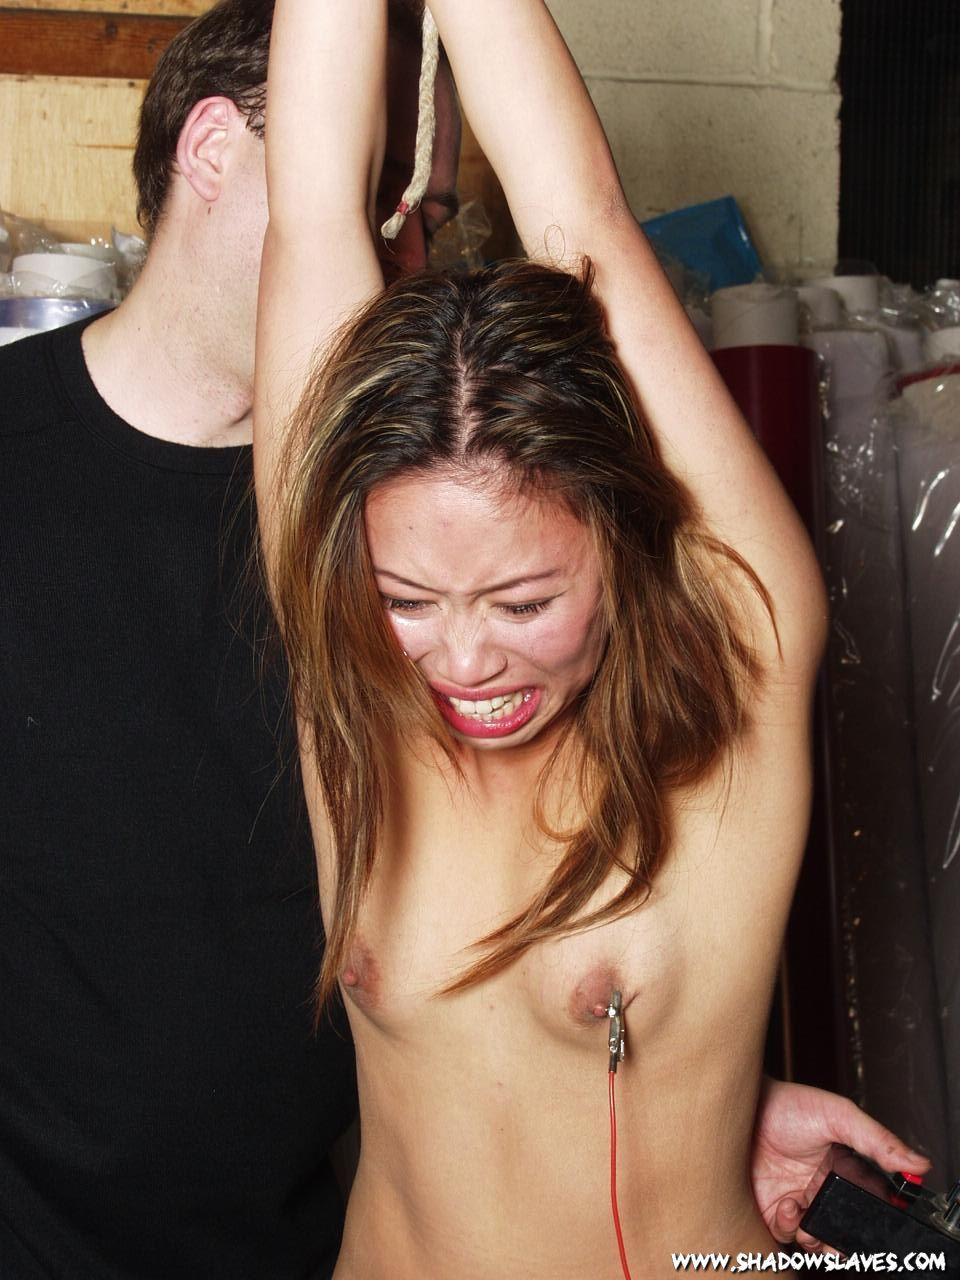 Enjoyed Chubby japanese bondage women ass